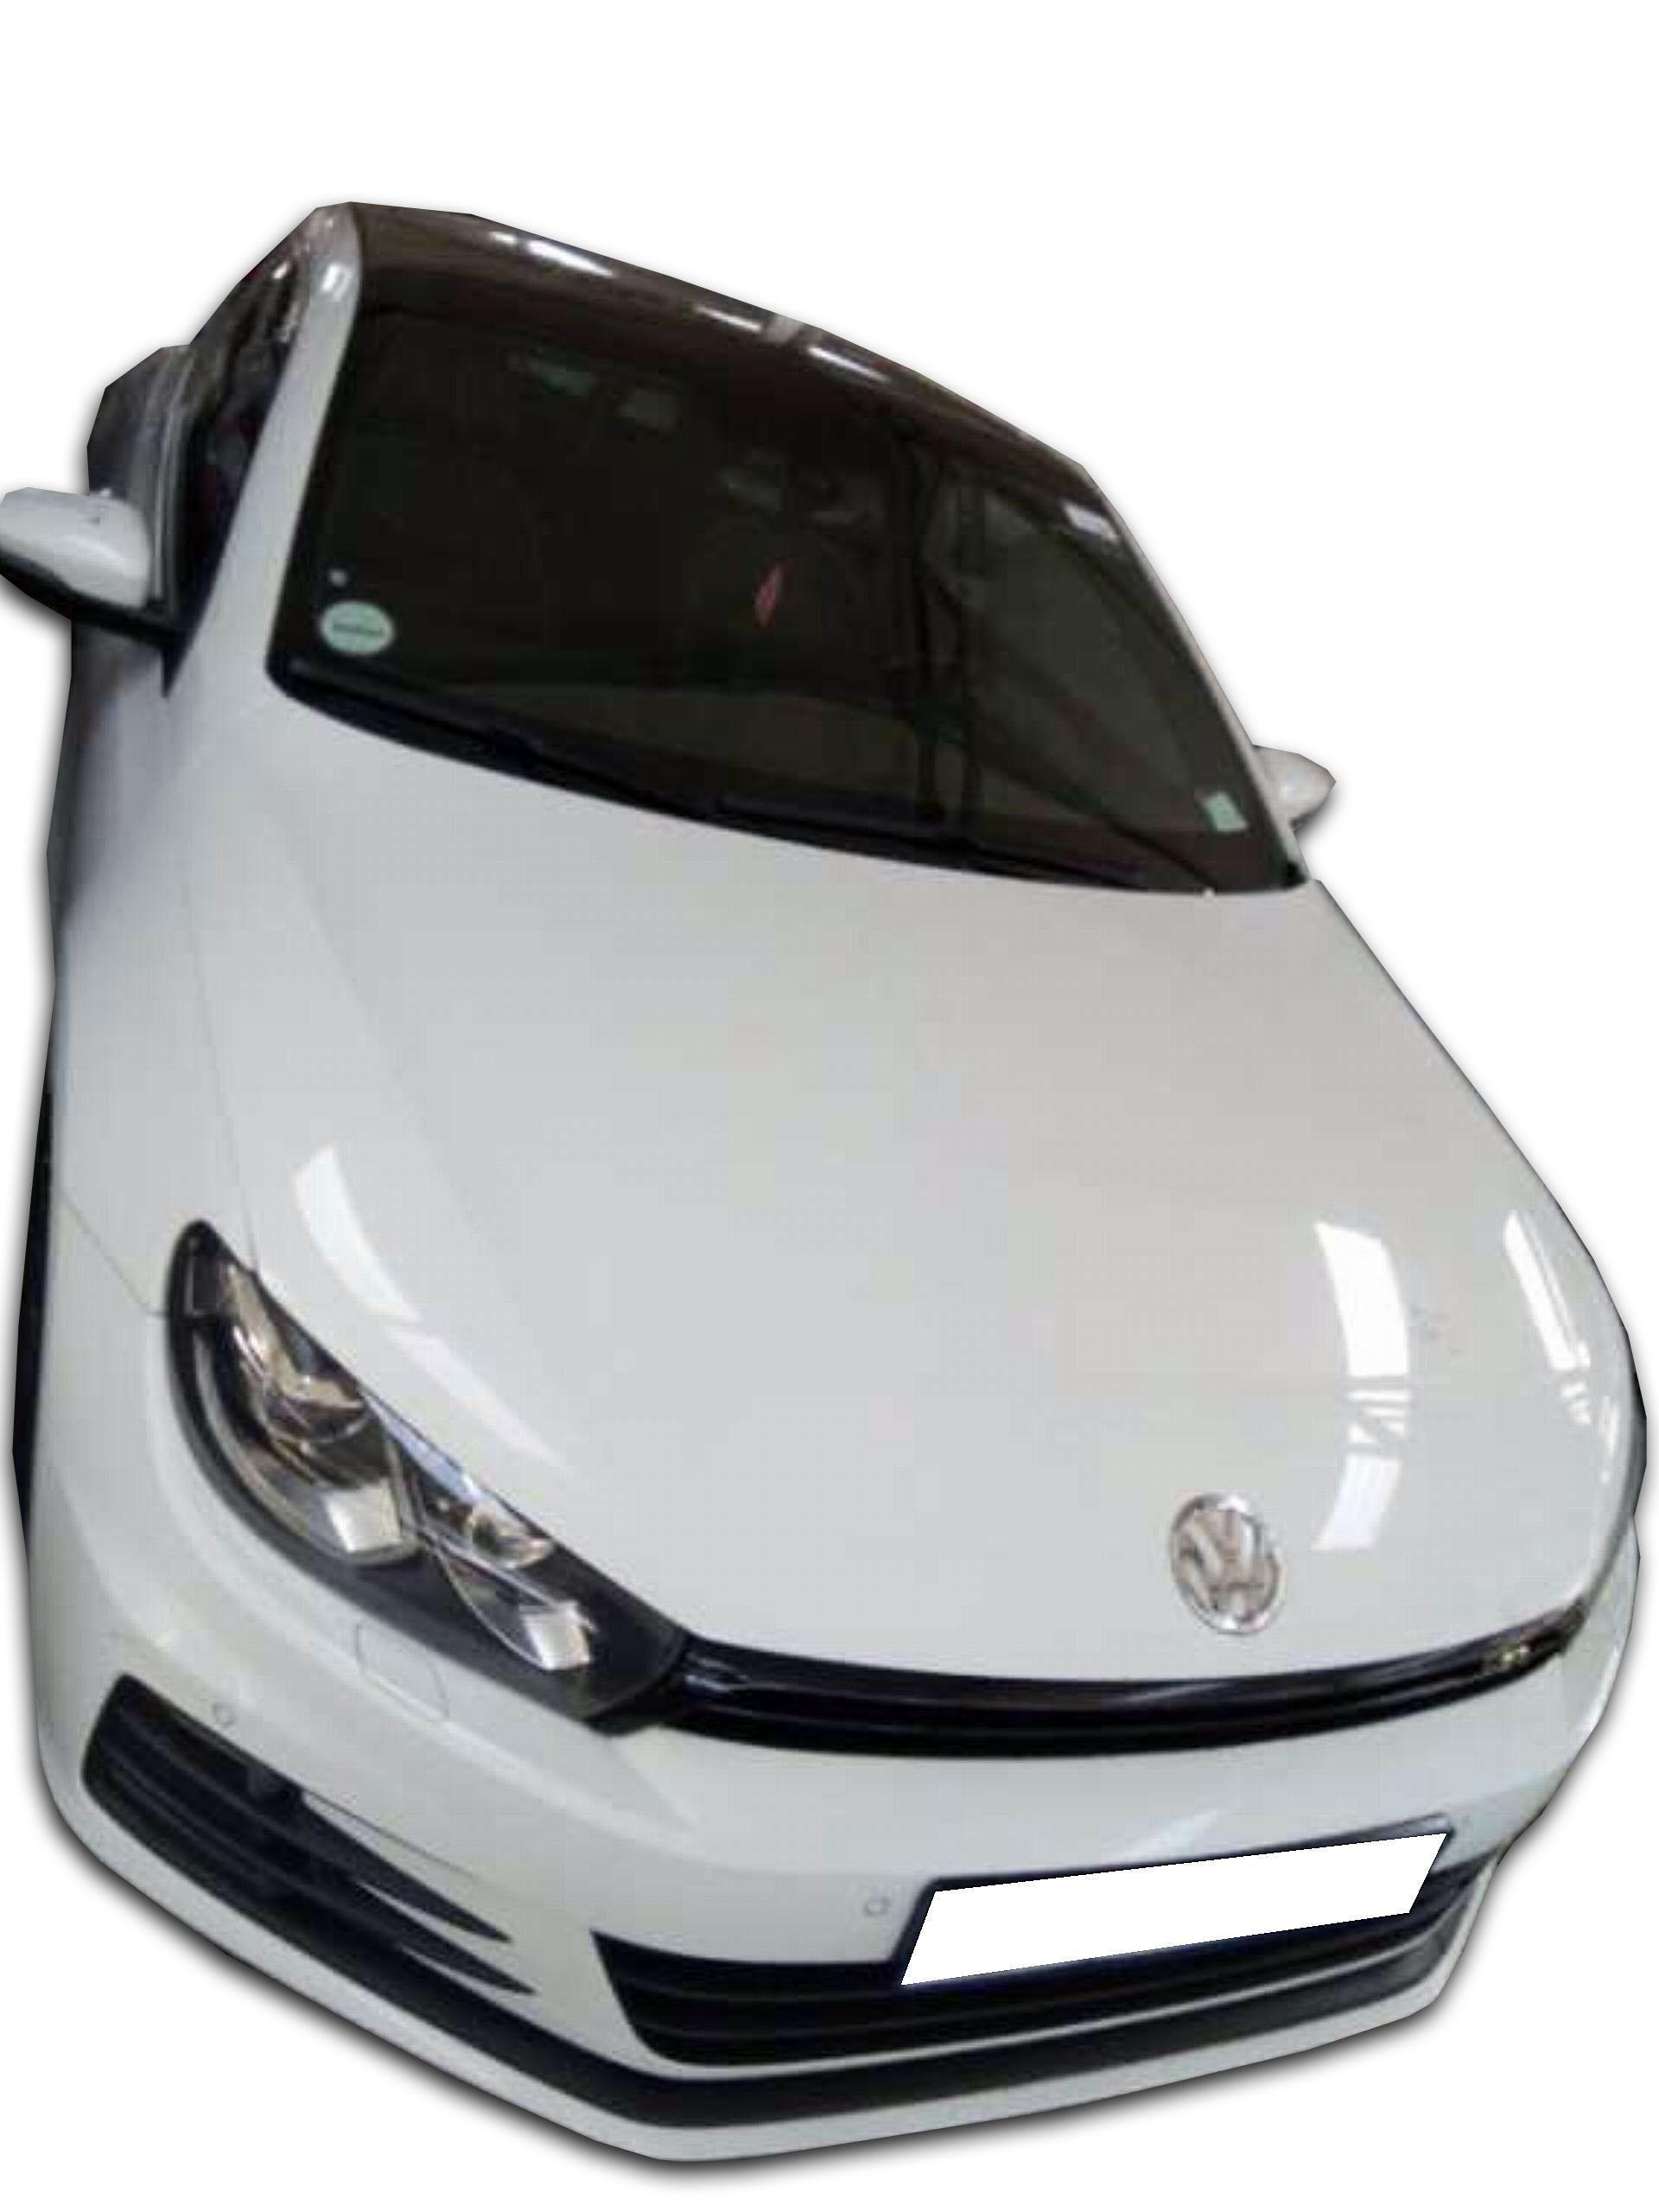 VW 1.4 Scirocco